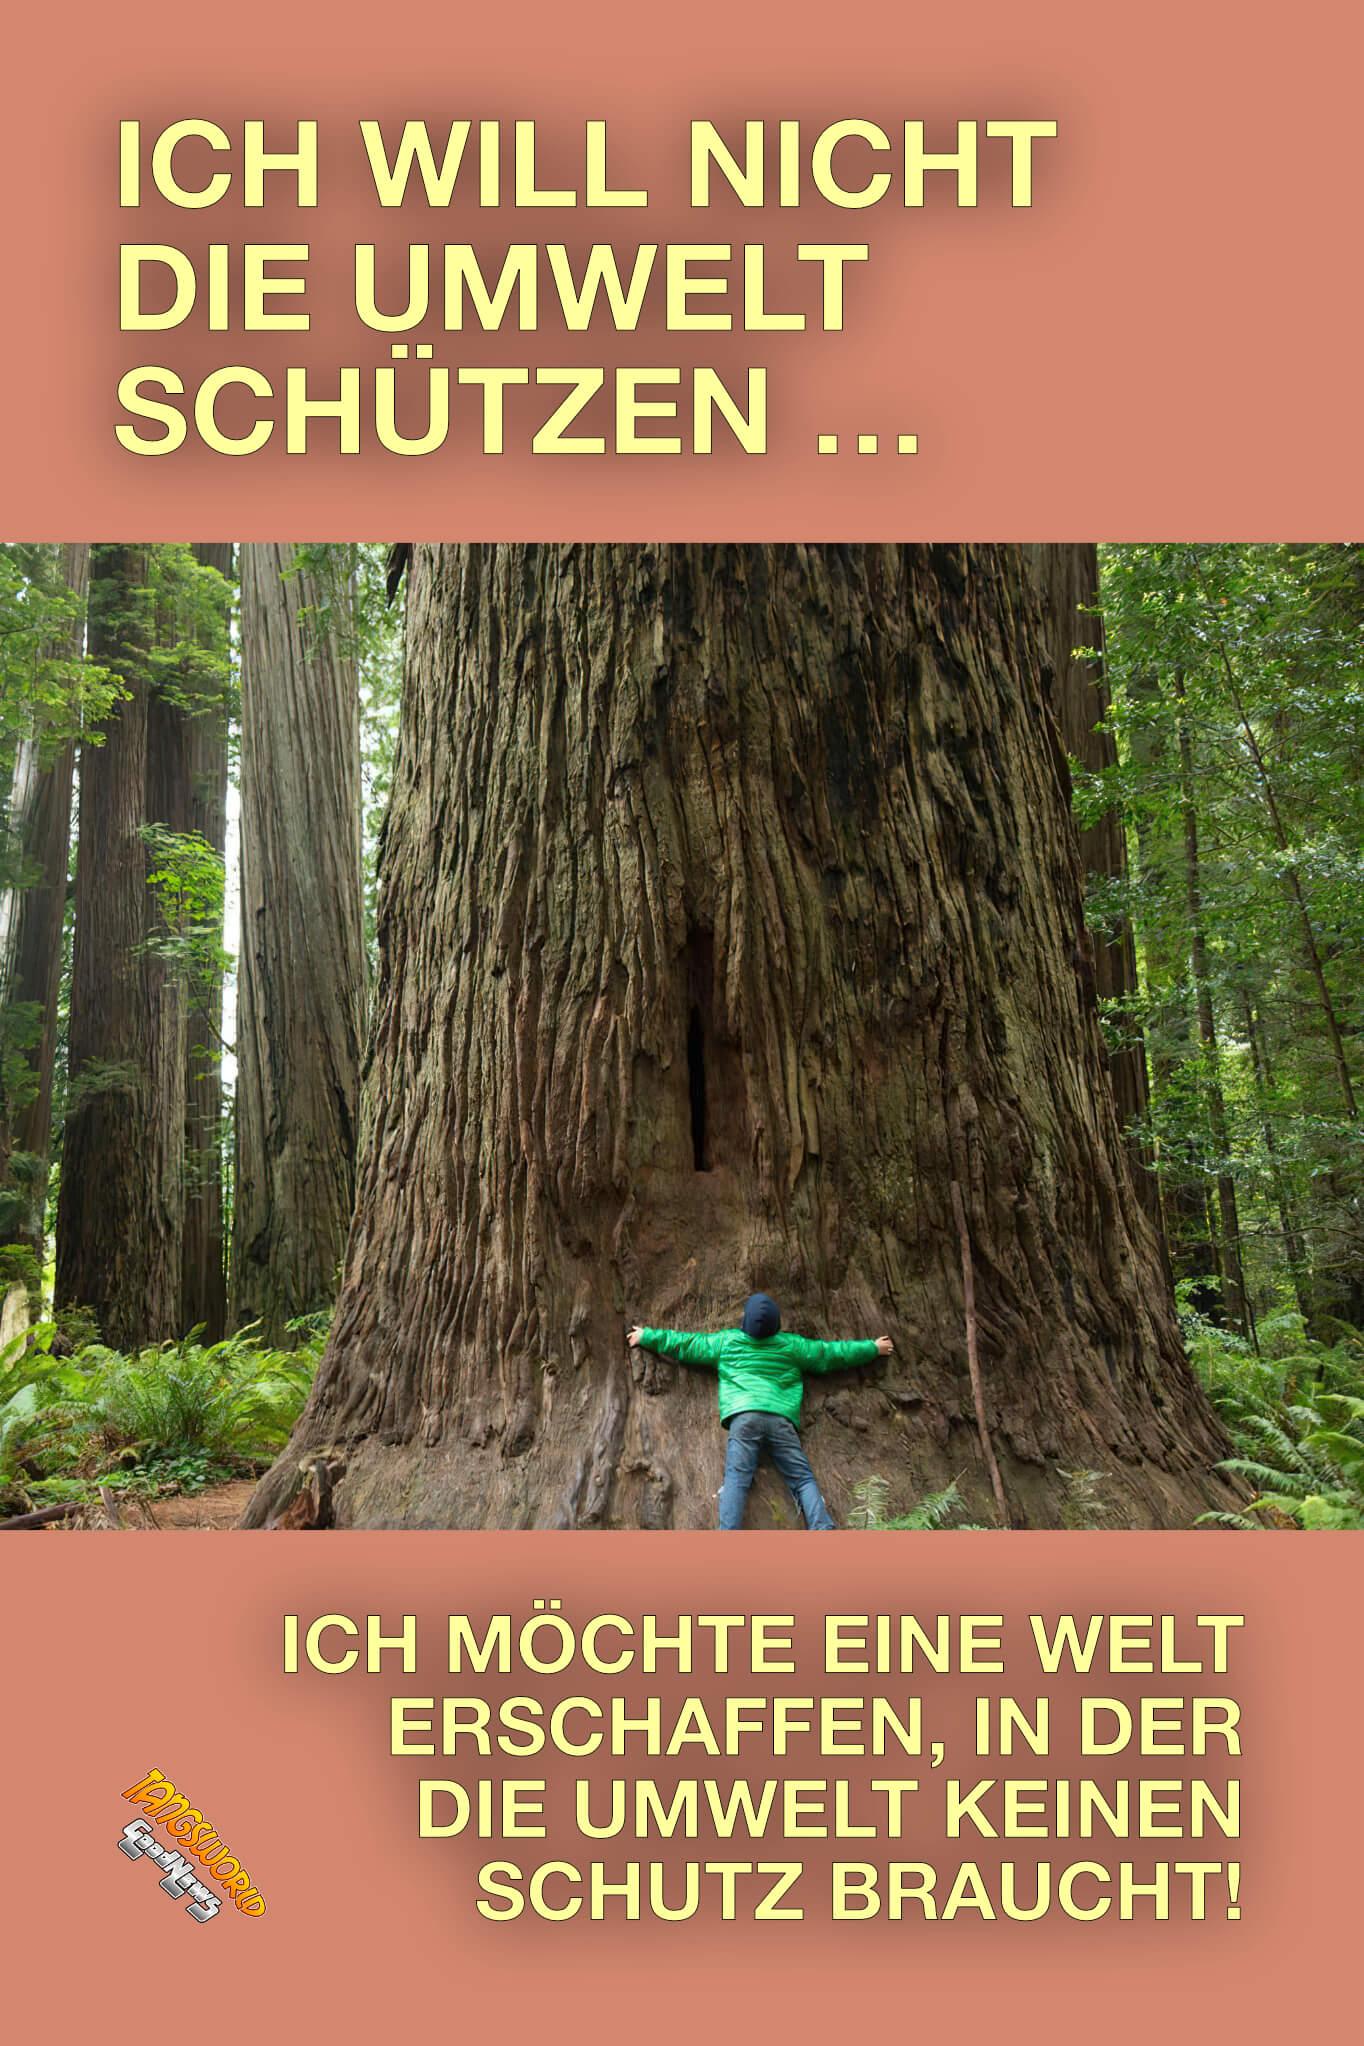 Ich will nicht die Umwelt schützen. Ich möchte eine Welt erschaffen, in der die Umwelt keinen Schutz braucht! - GoodNews